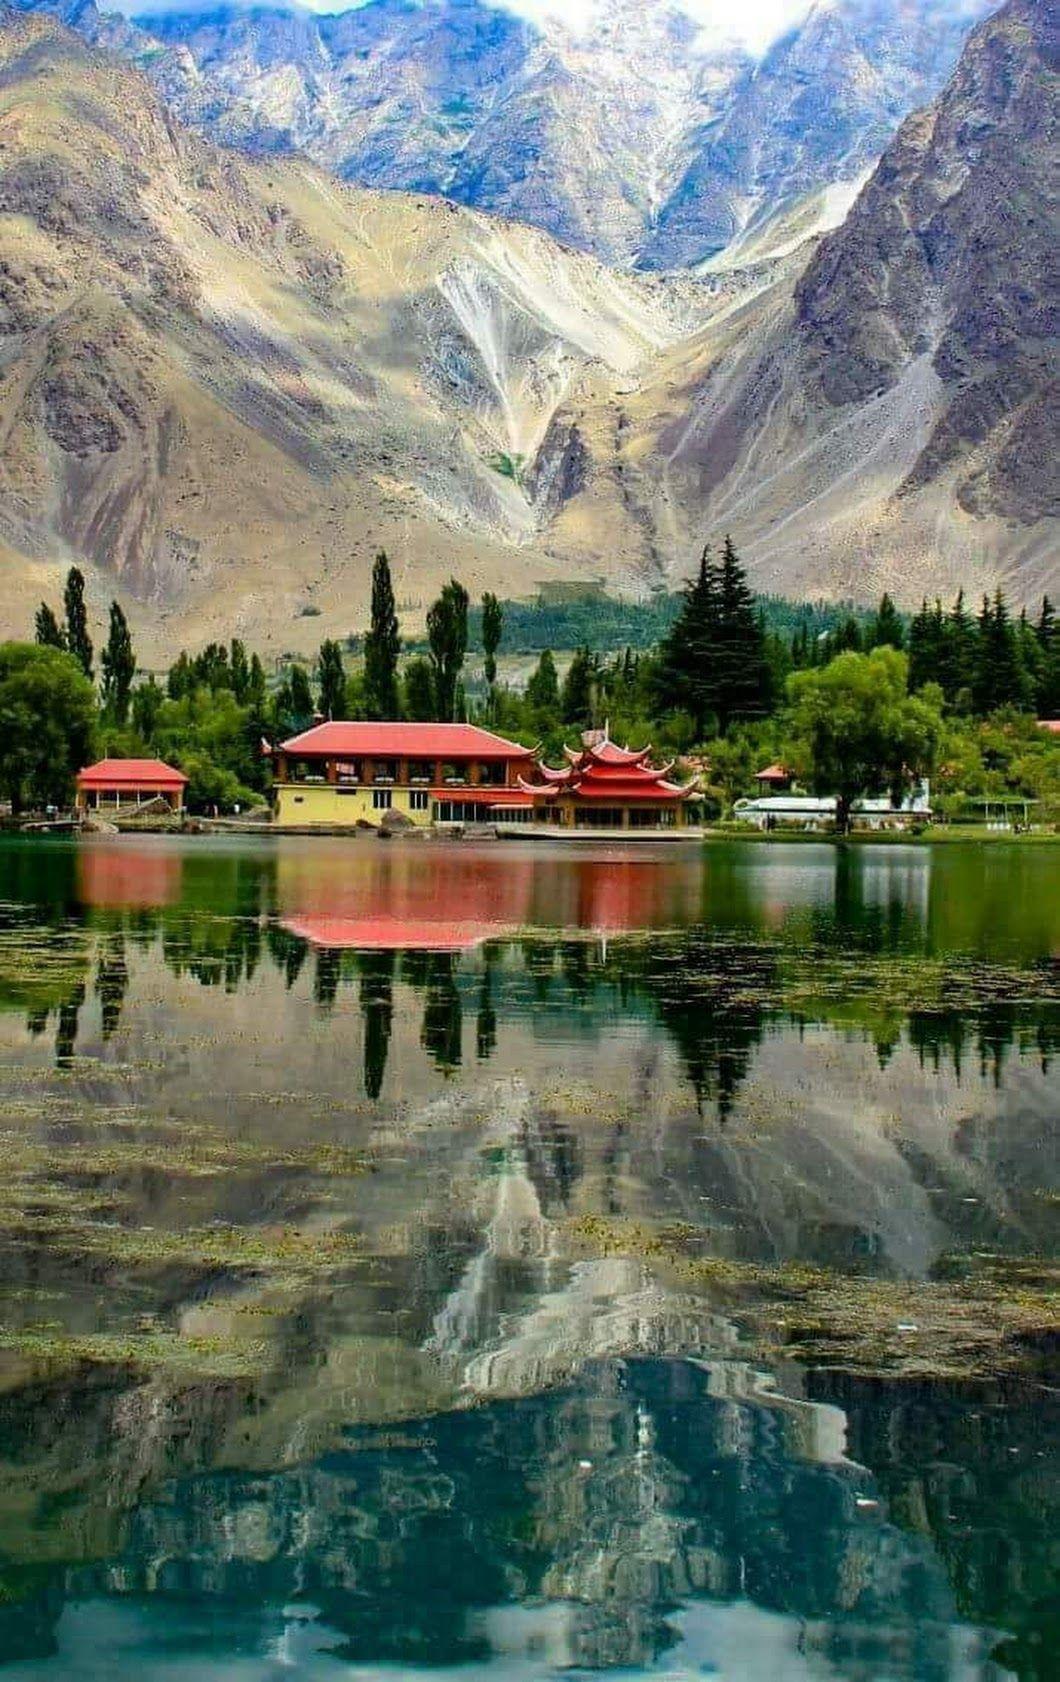 林文星 Google+ Good noon images, Scenery, Beautiful places